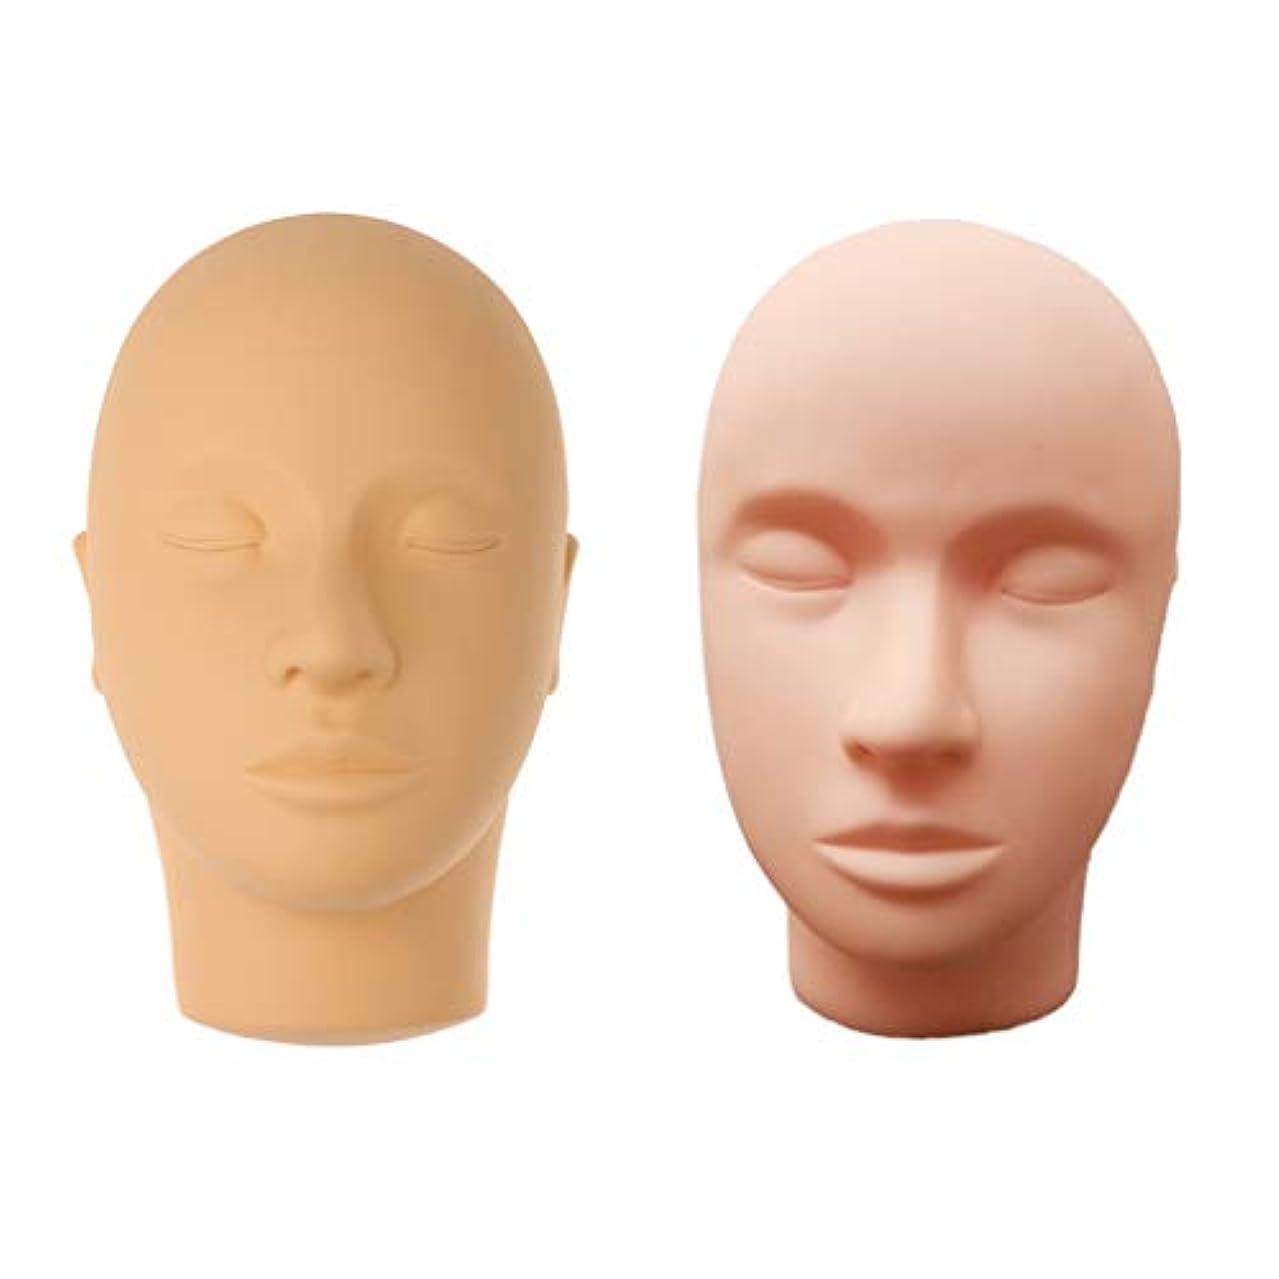 頬モンスター重荷T TOOYFUL マネキンヘッド モデル 肌色 メイクアップ まつげエクステ 化粧 メイクアップ トレーニング サロン用